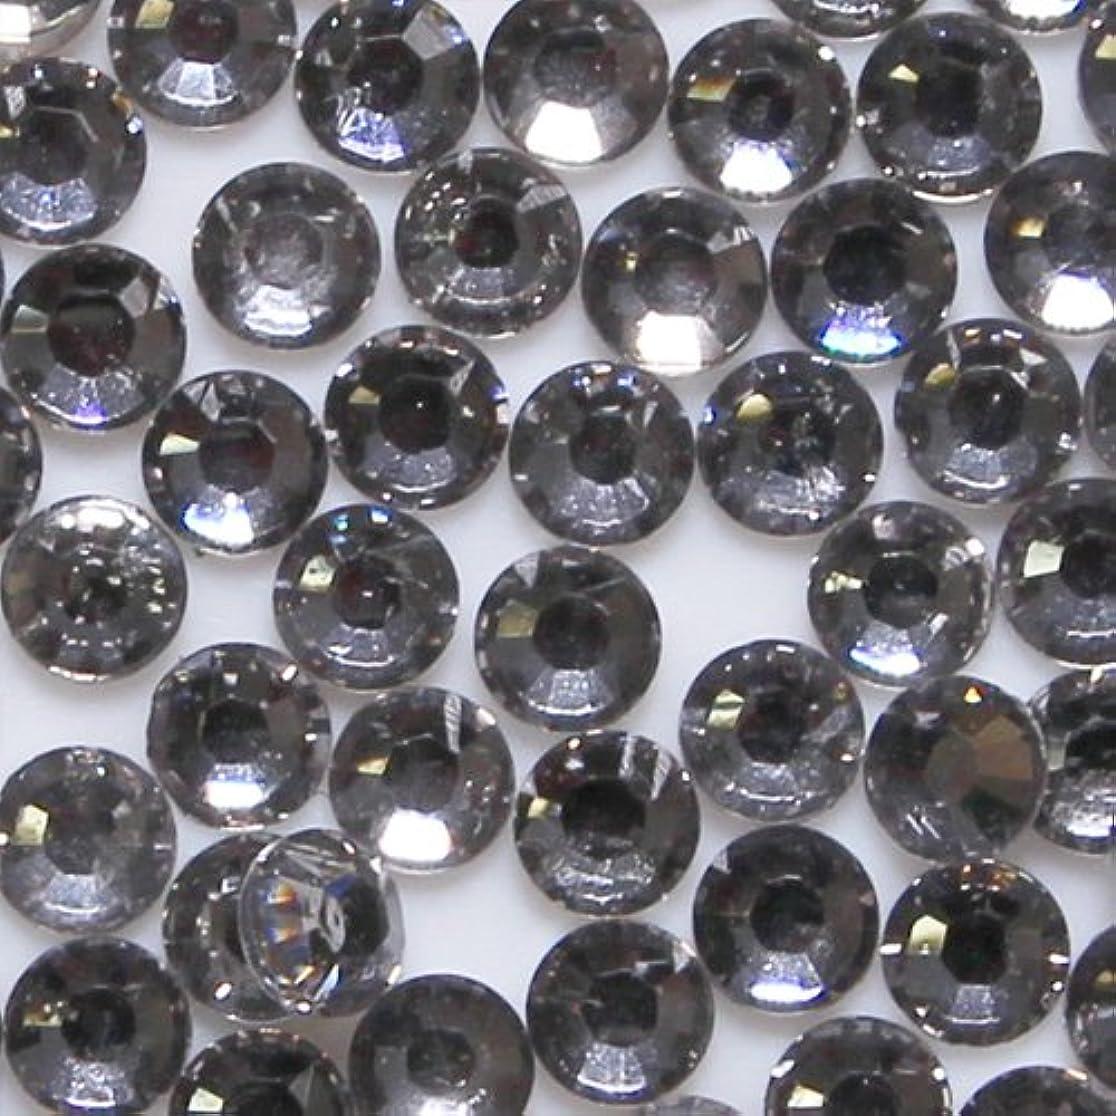 フィルタ感じ魅惑的な高品質 アクリルストーン ラインストーン ラウンドフラット 約1000粒入り 4mm ブラックダイヤモンド